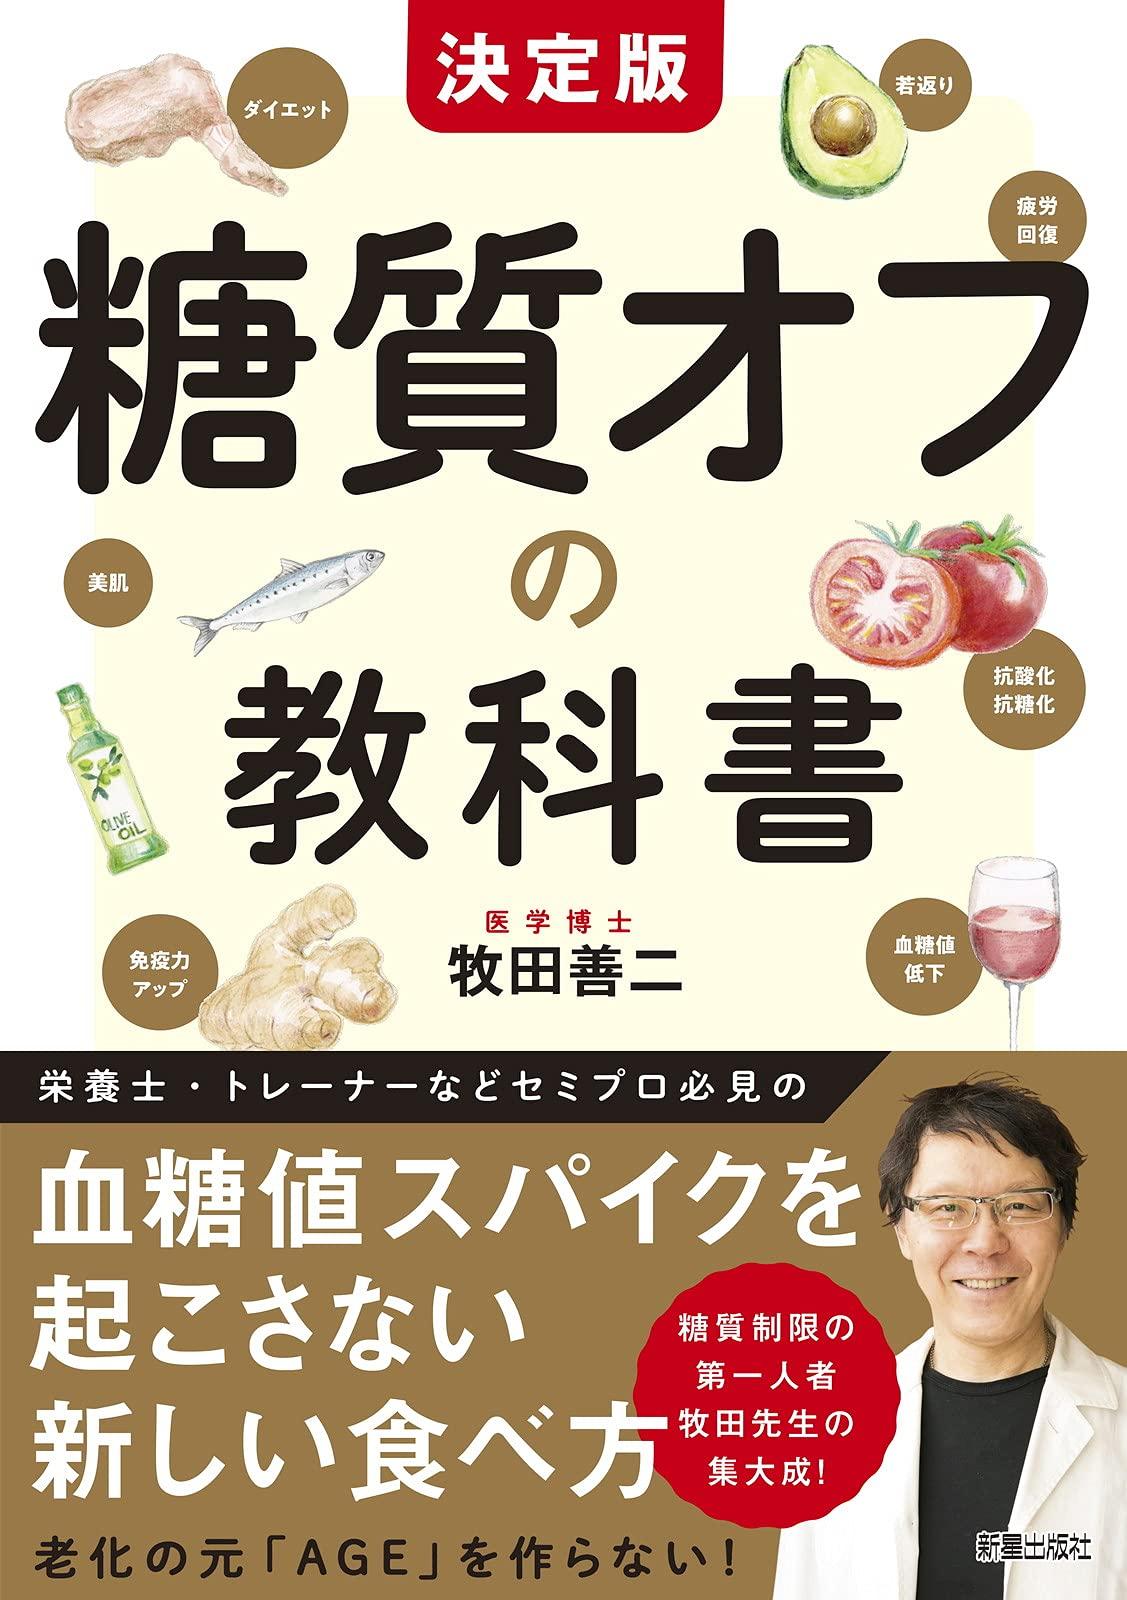 ダイエット・健康・若返りに 糖質の第一人者 牧田善二氏の新刊